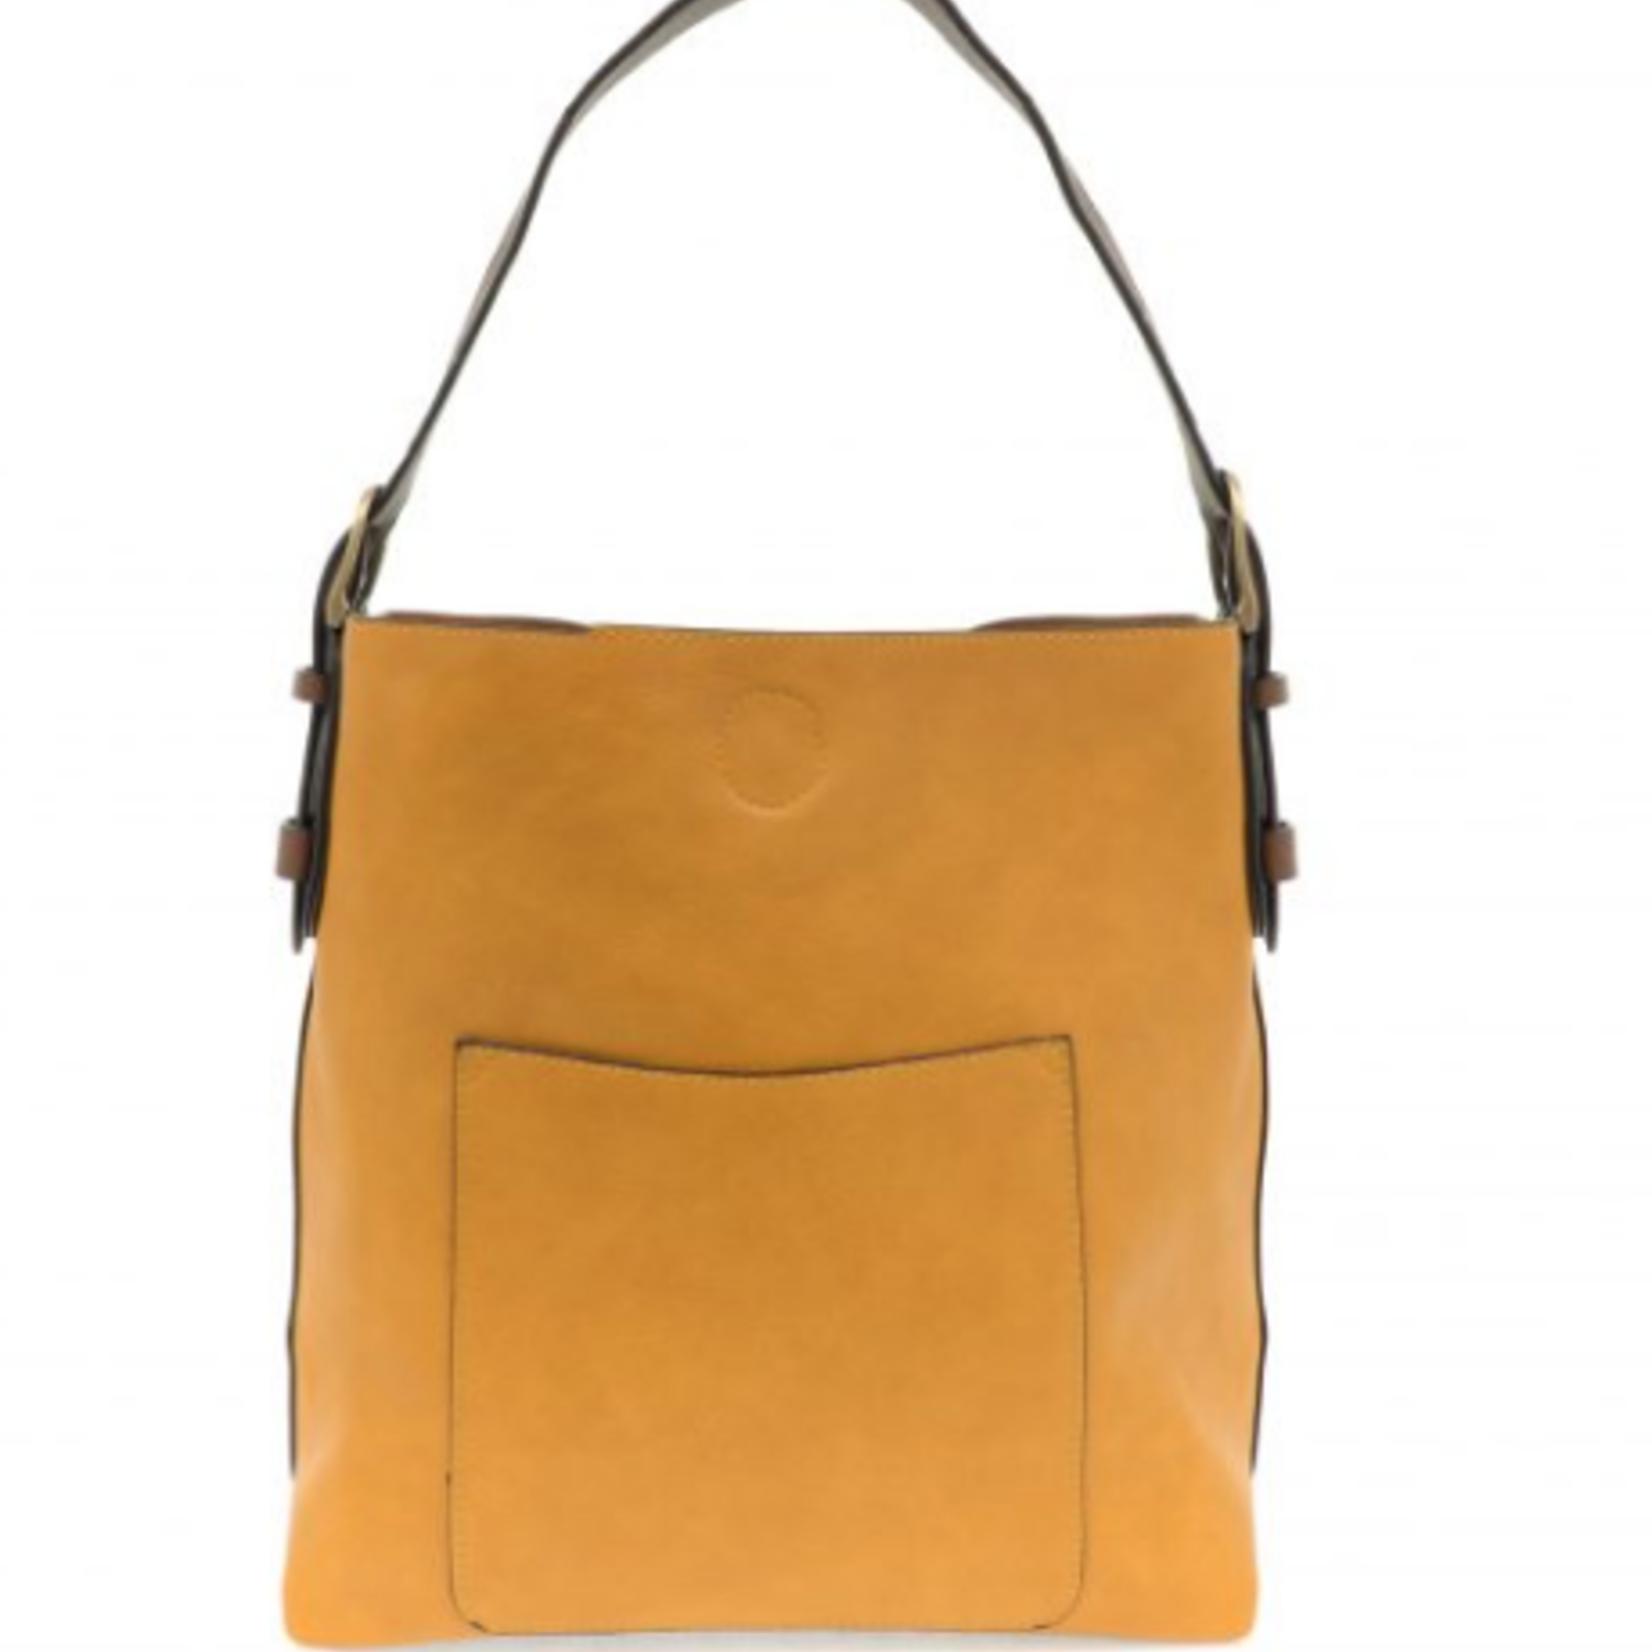 Joy Susan Joy Susan Hobo Handle Handbag - P-105556